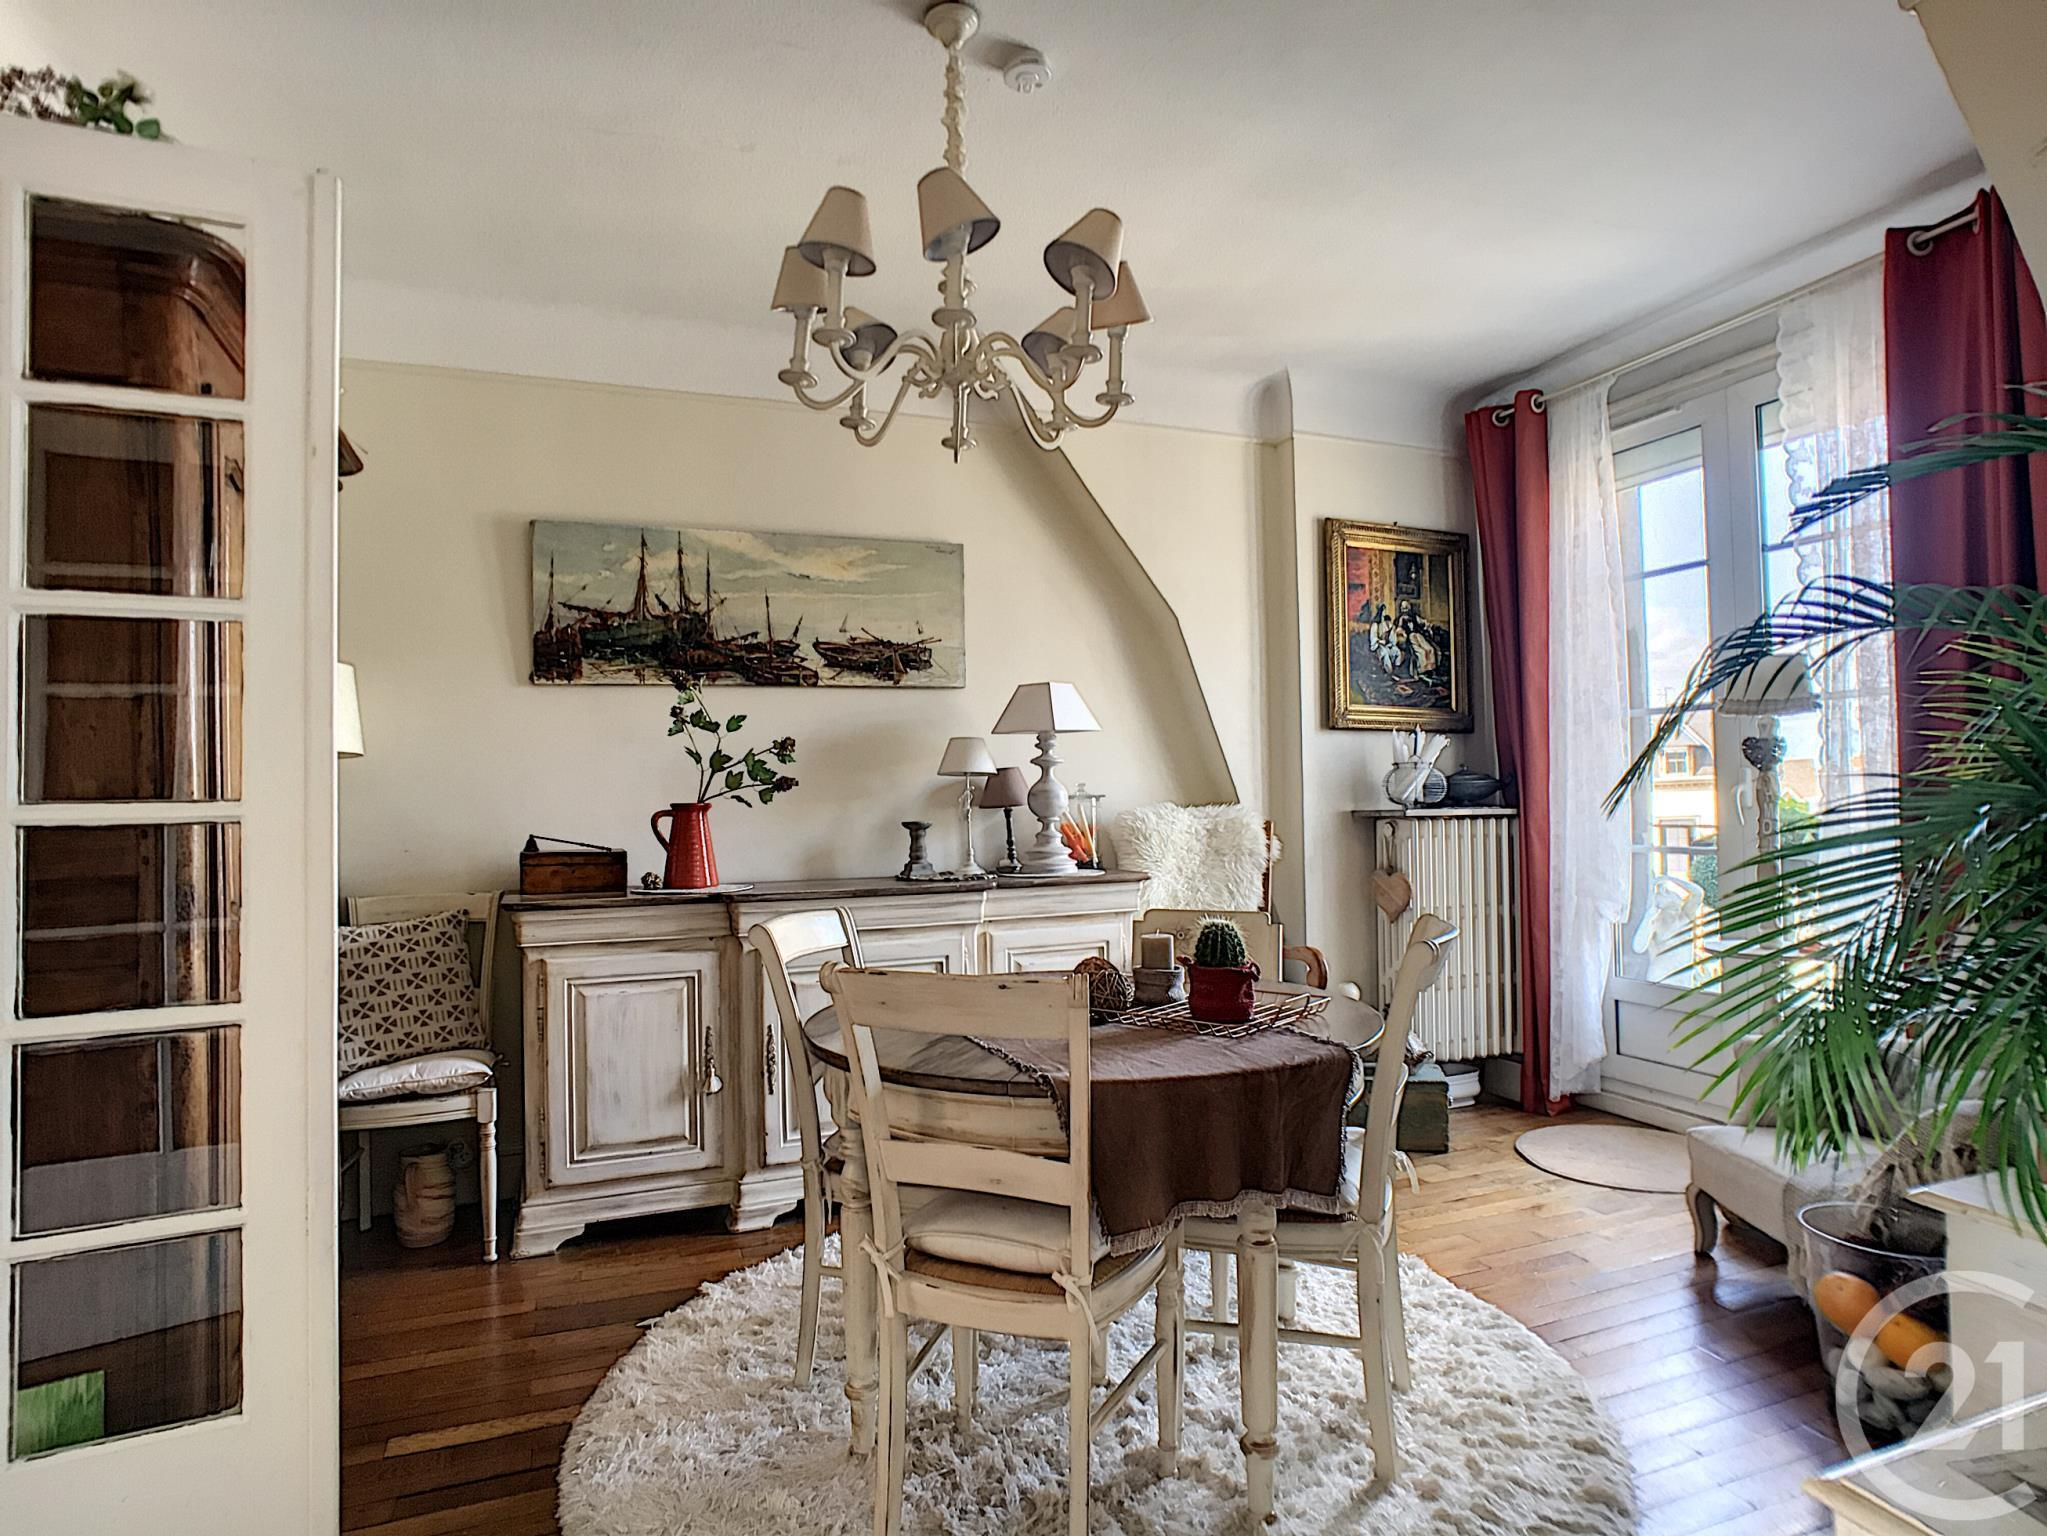 Meuble Salle De Bain Abbeville ~ appartement f4 4 pi ces vendre abbeville 80100 ref 1504